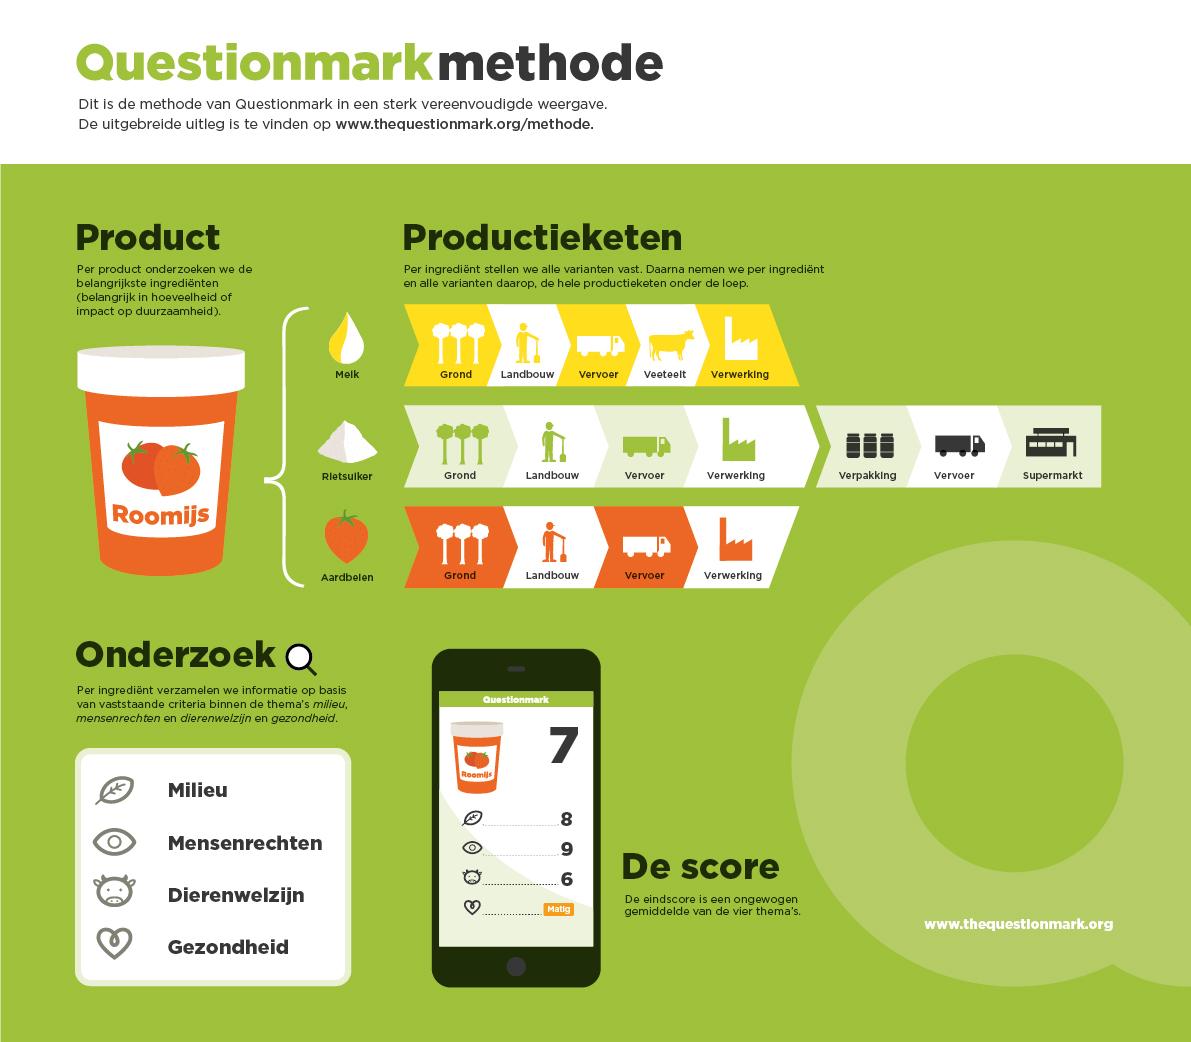 Methode-consumentenversie 2